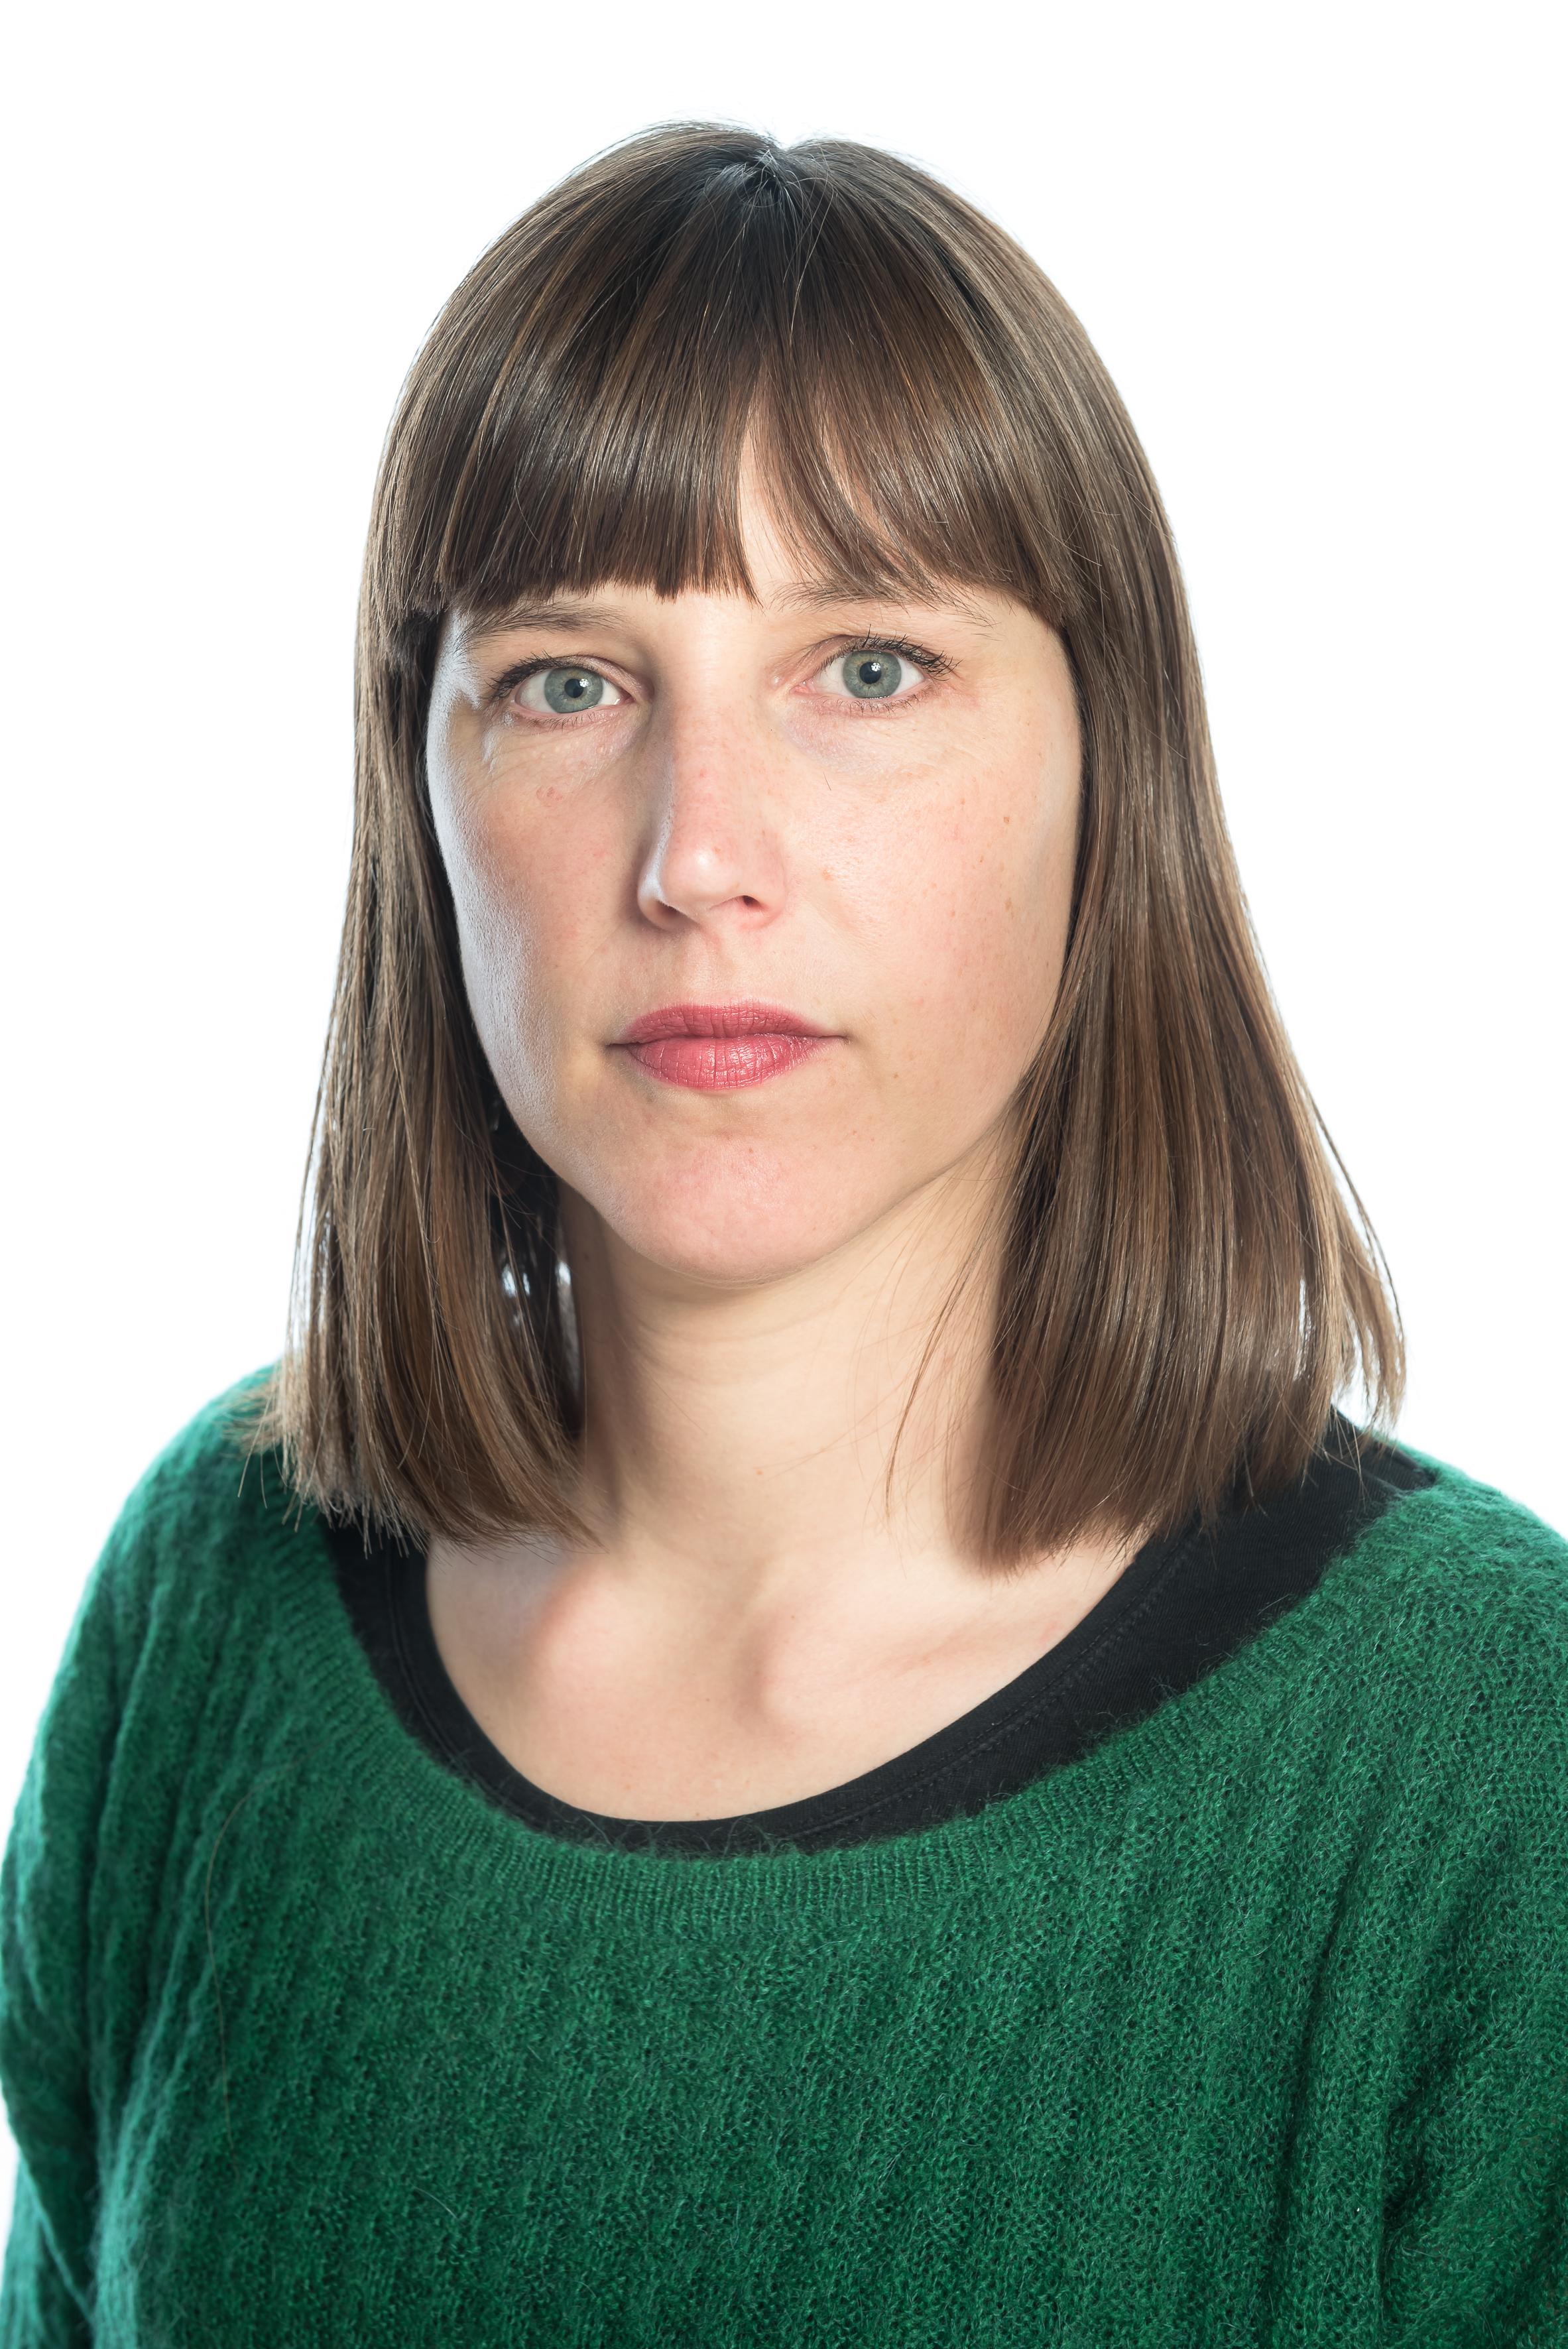 mariapetersson-farg-portratt